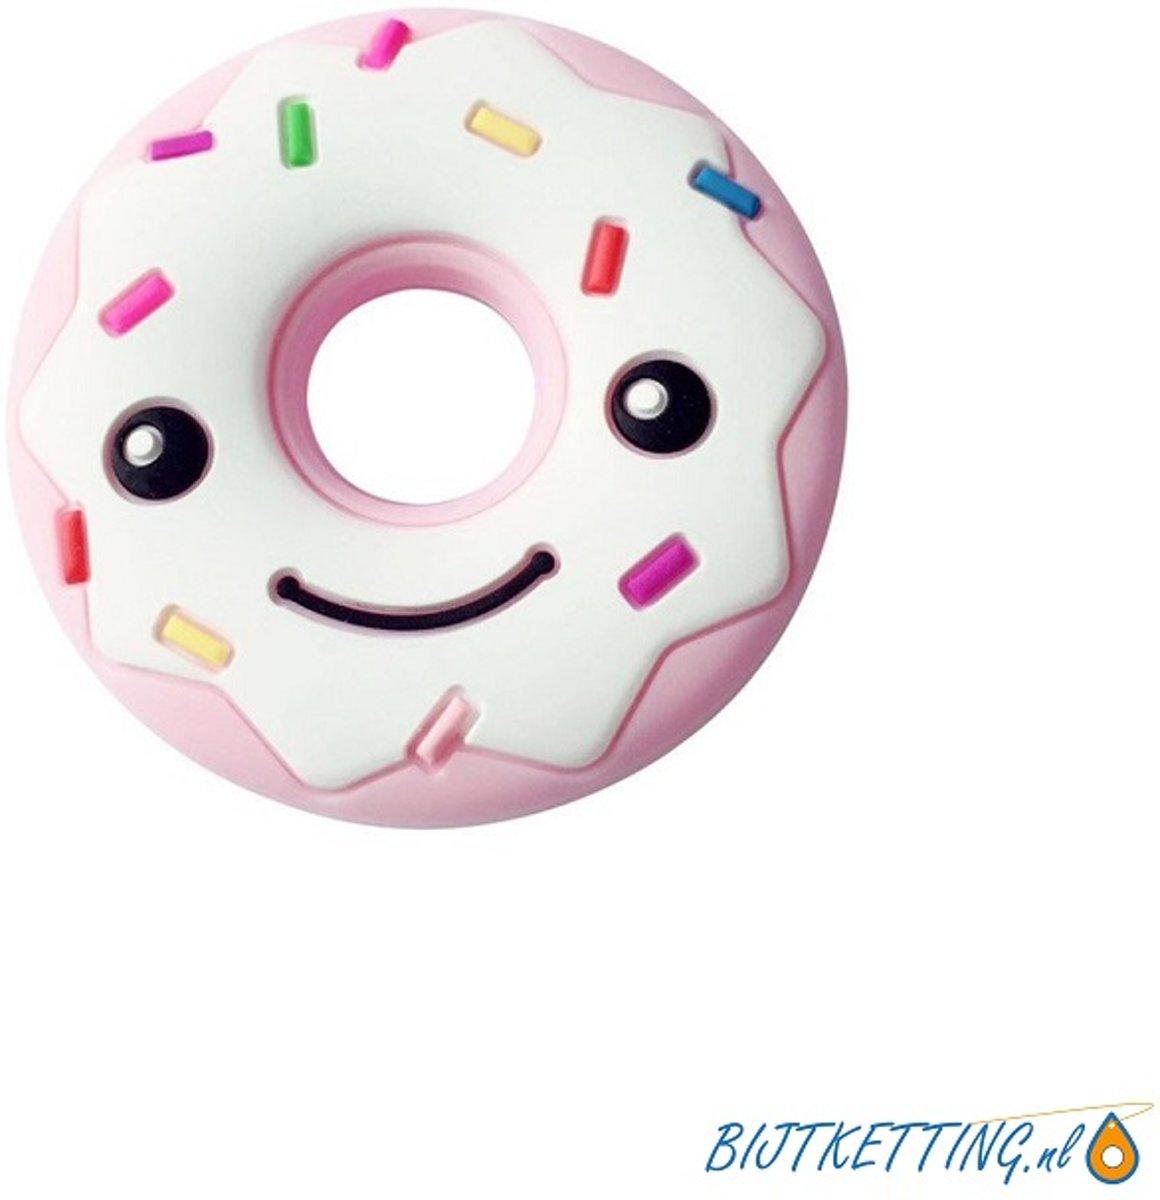 Bijtketting | Happy Face Donut Spikkels | Roze kopen